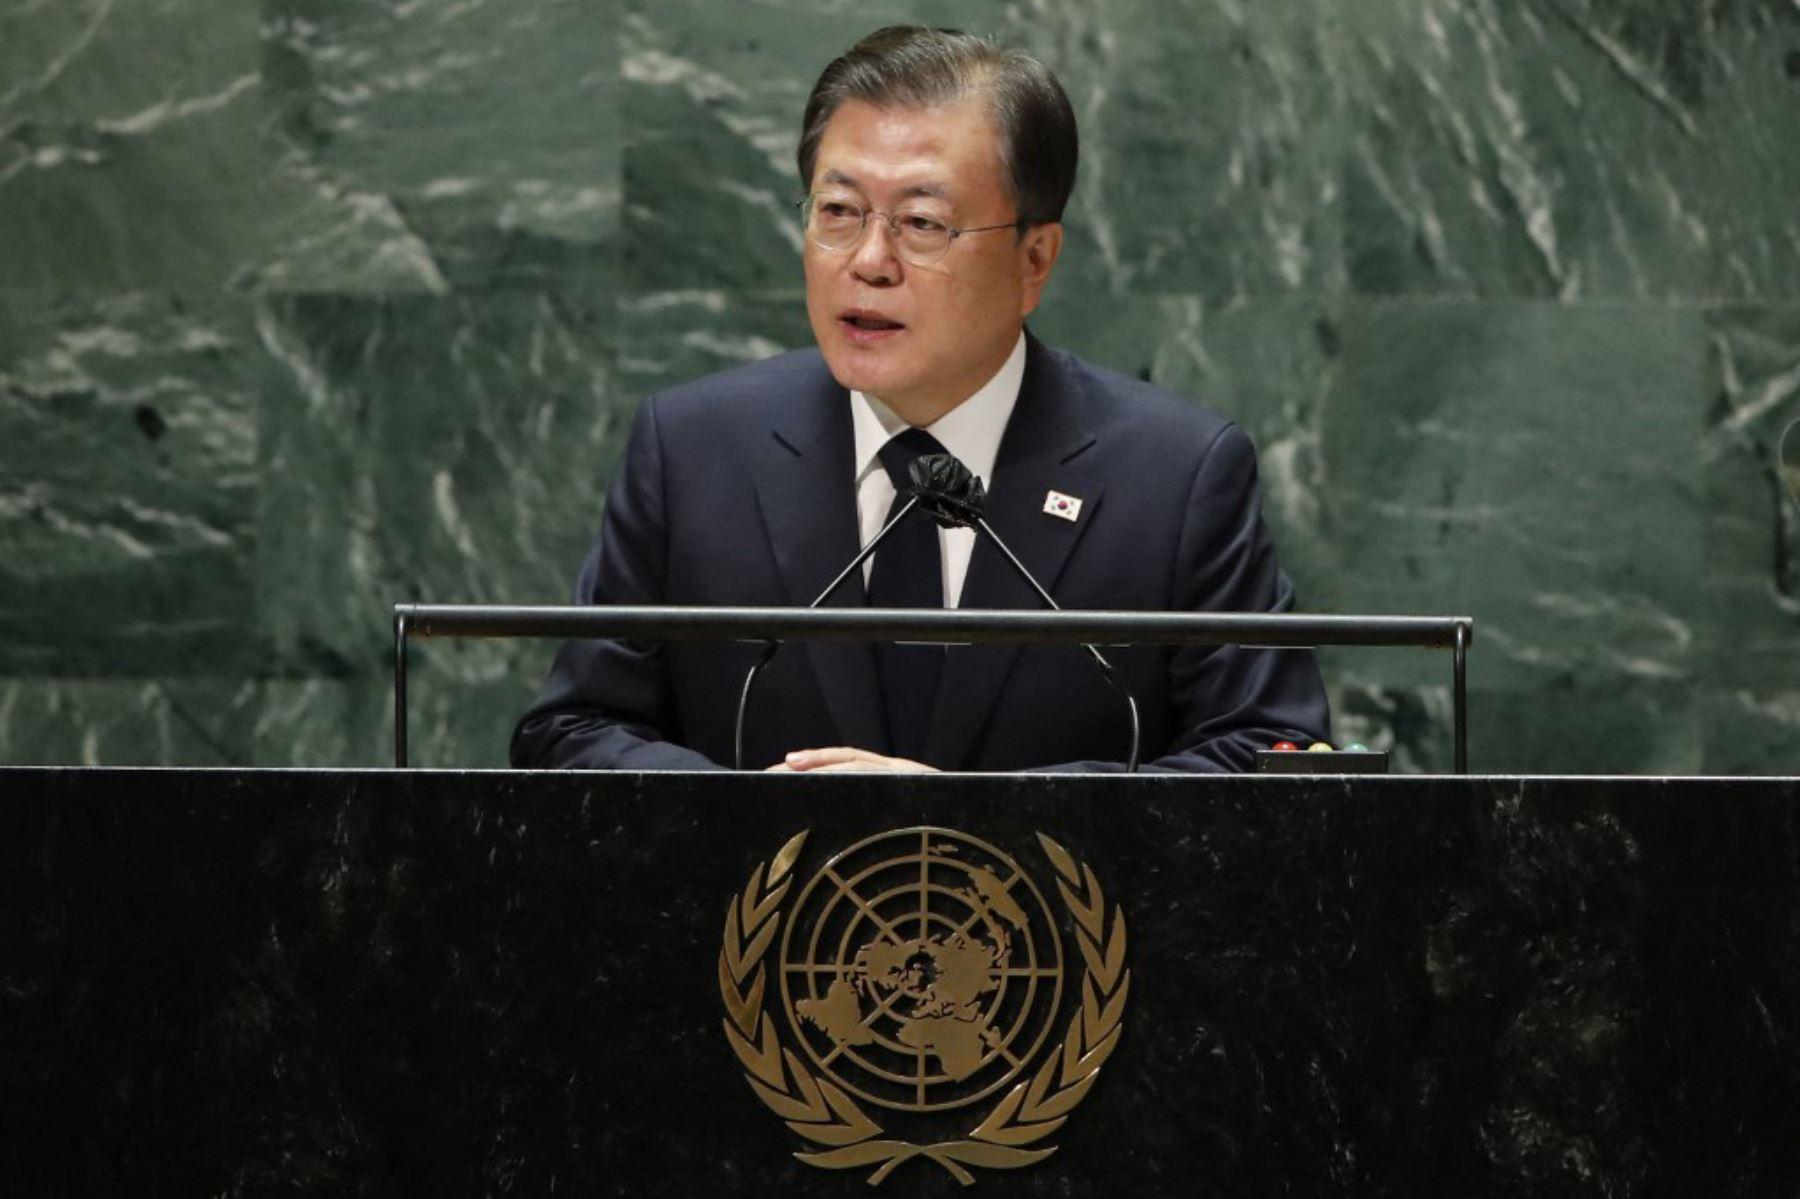 El presidente de Corea del Sur, Moon Jae-in, se dirige al 76 ° período de sesiones de la Asamblea General de la ONU el 21 de septiembre de 2021 en Nueva York. Foto: AFP